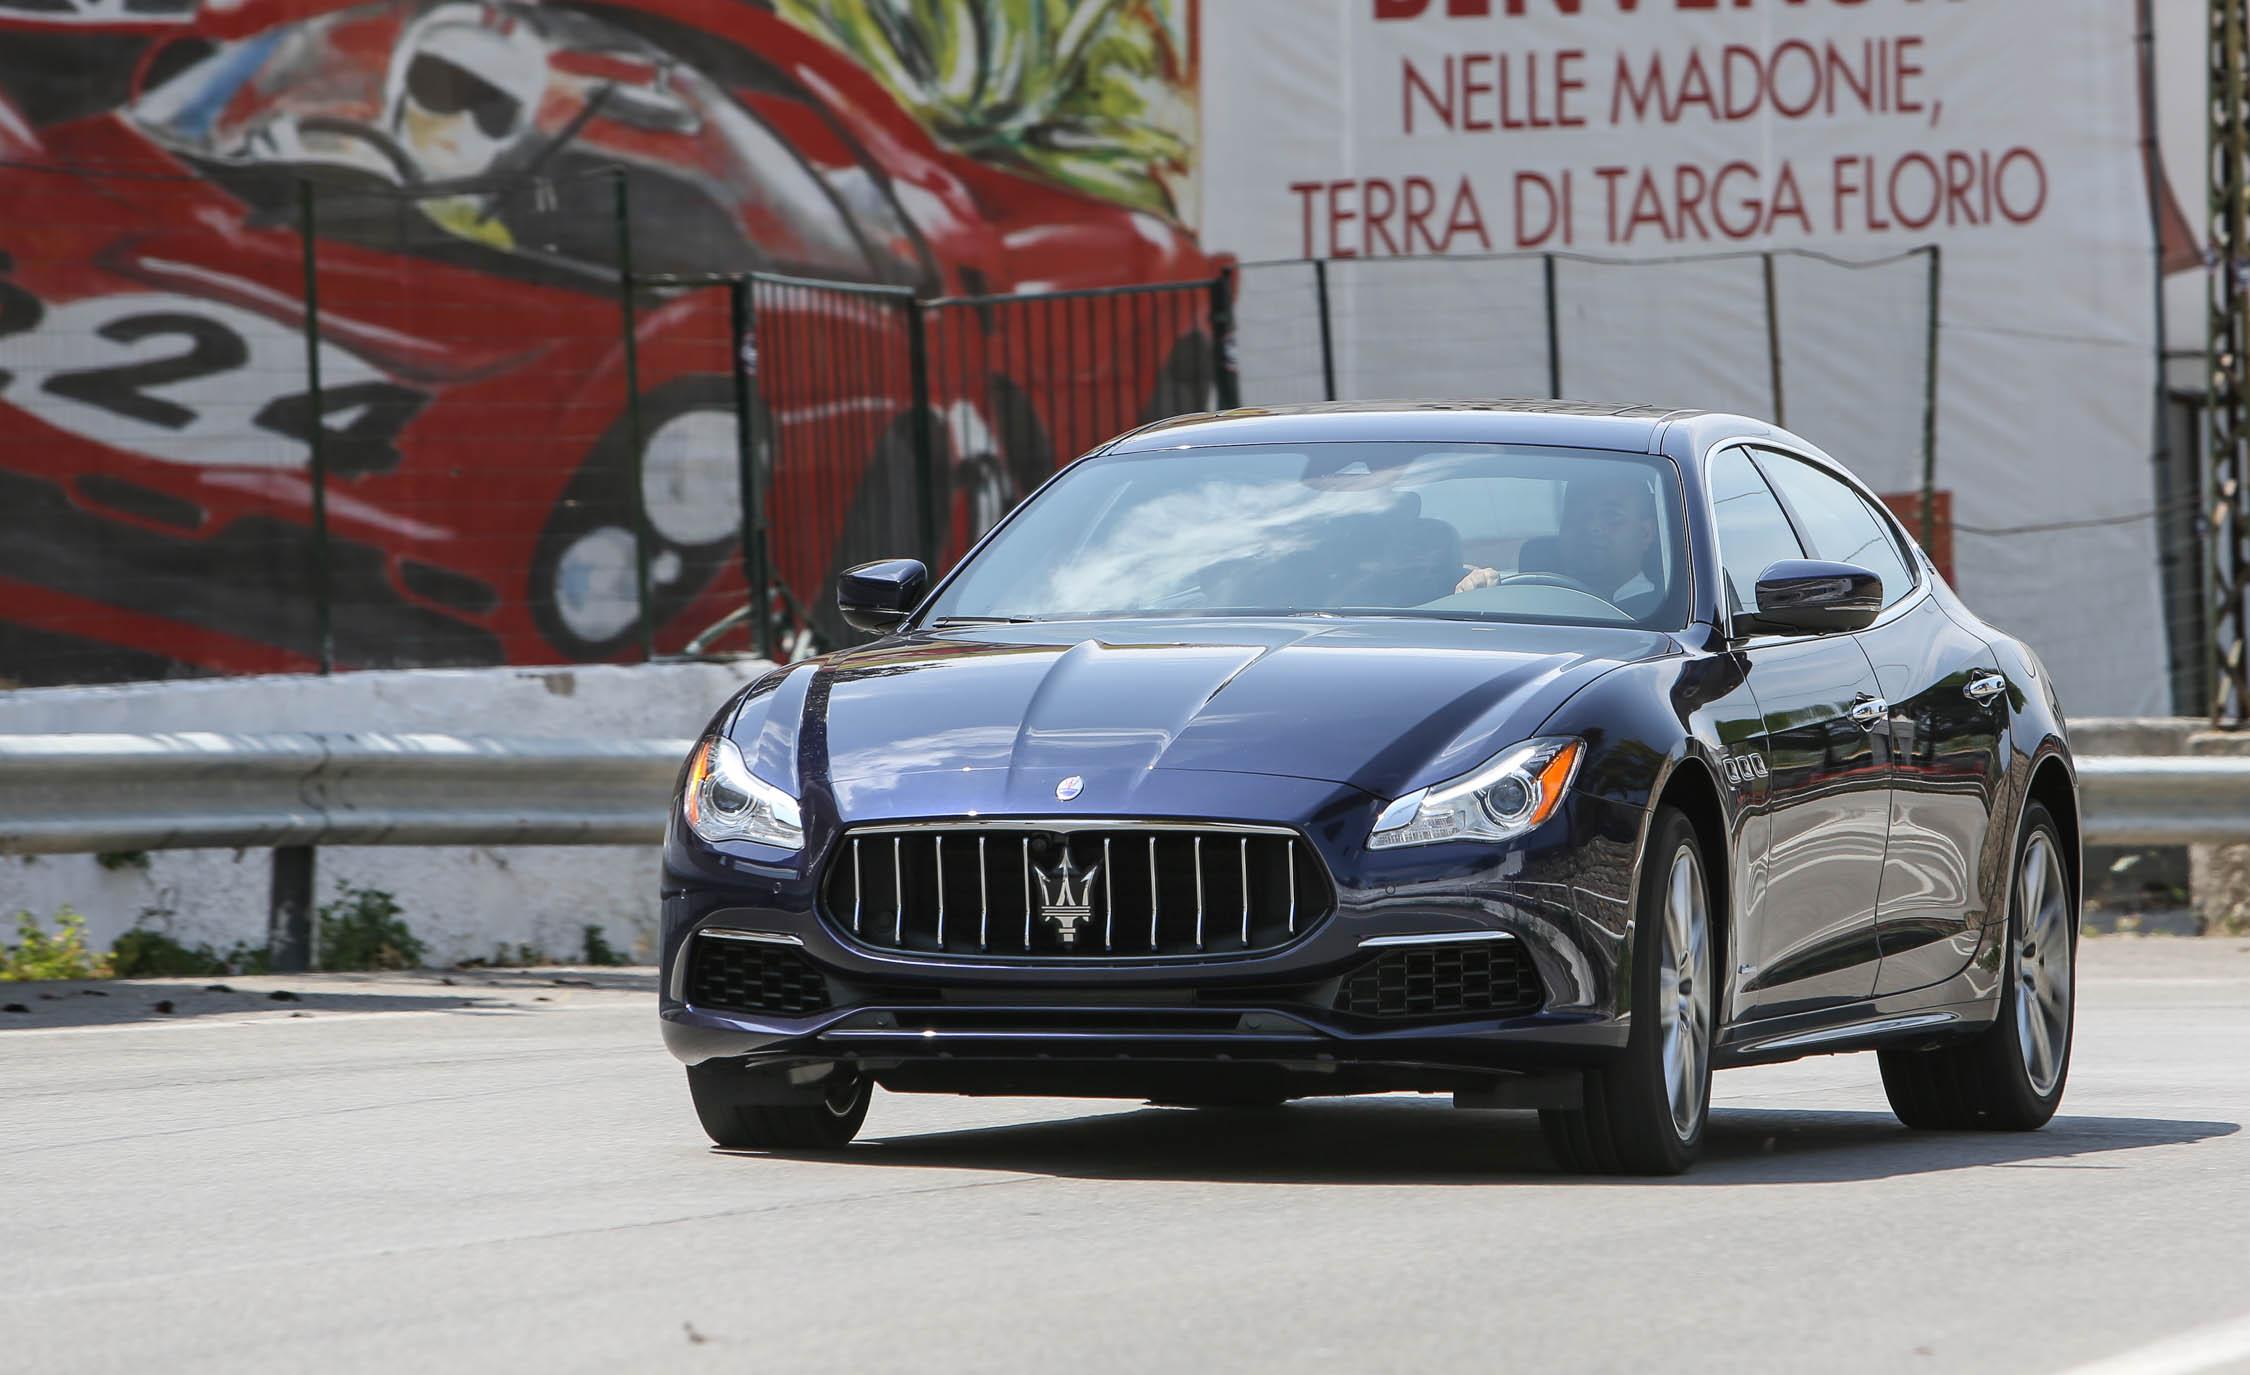 2017 Maserati Quattroporte GTS GranLusso (Photo 9 of 55)